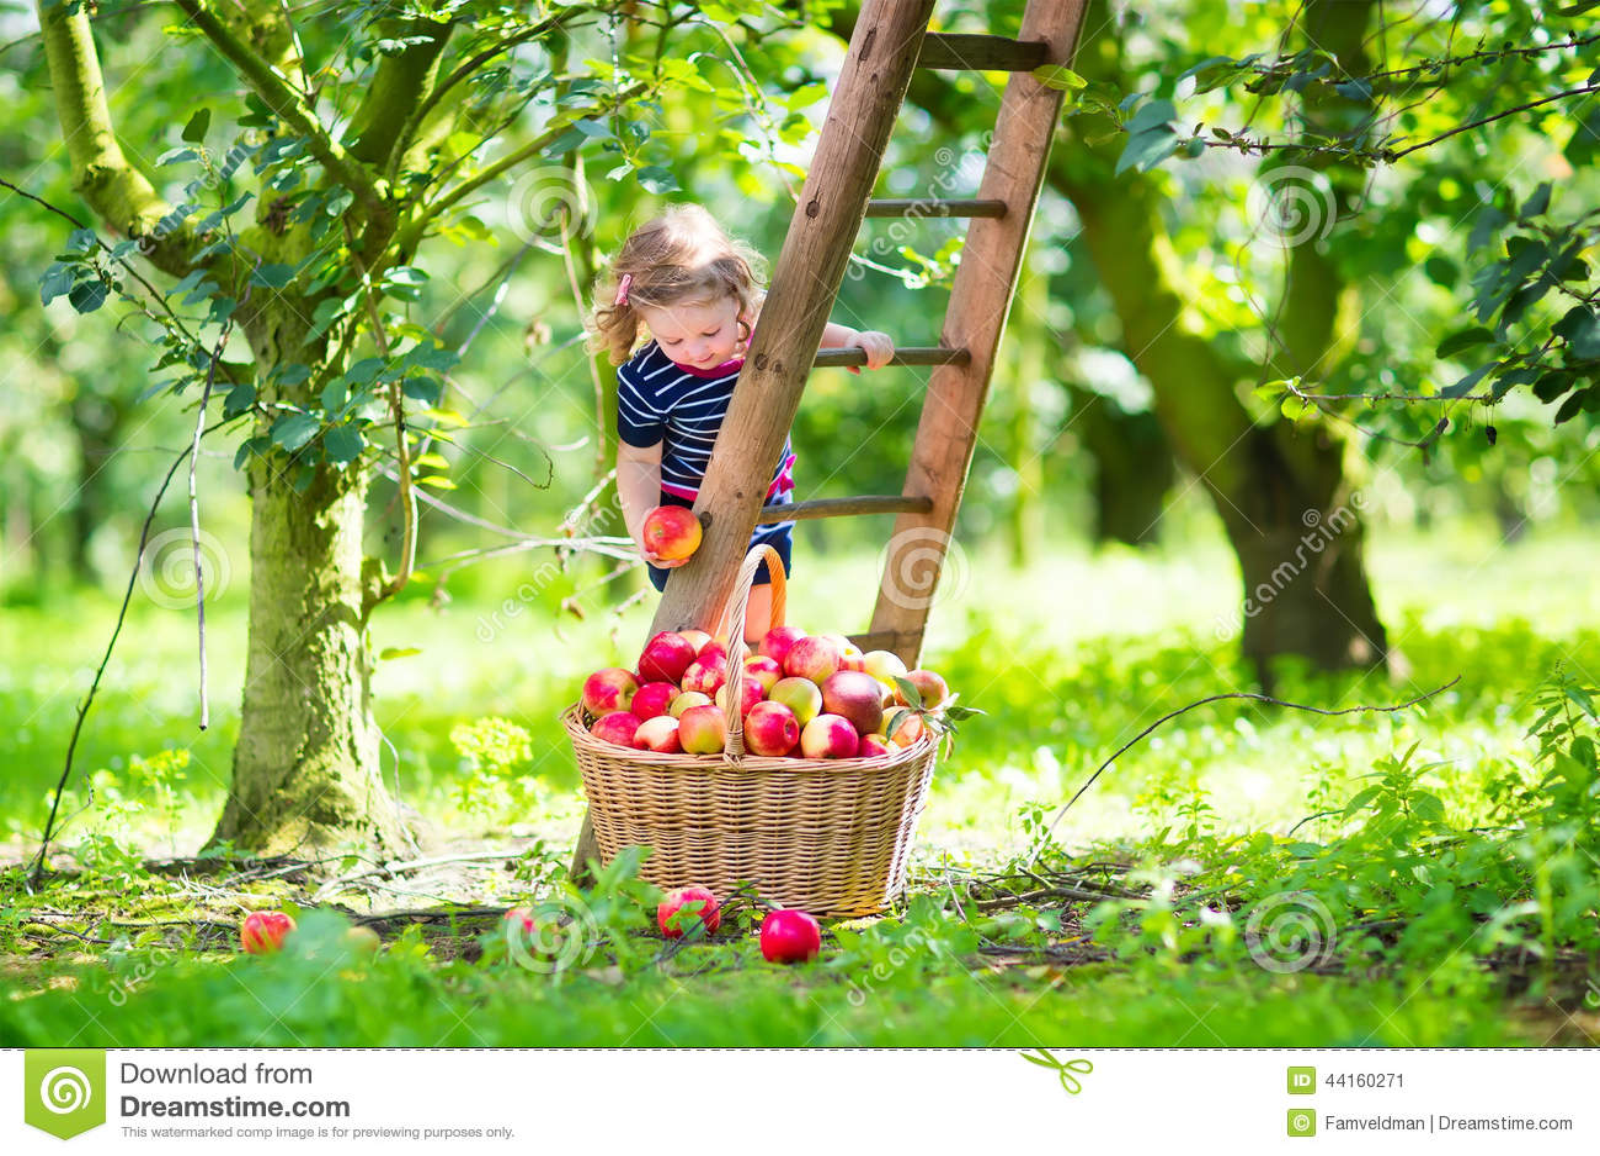 Little Girl In An Apple Garden Stock Image